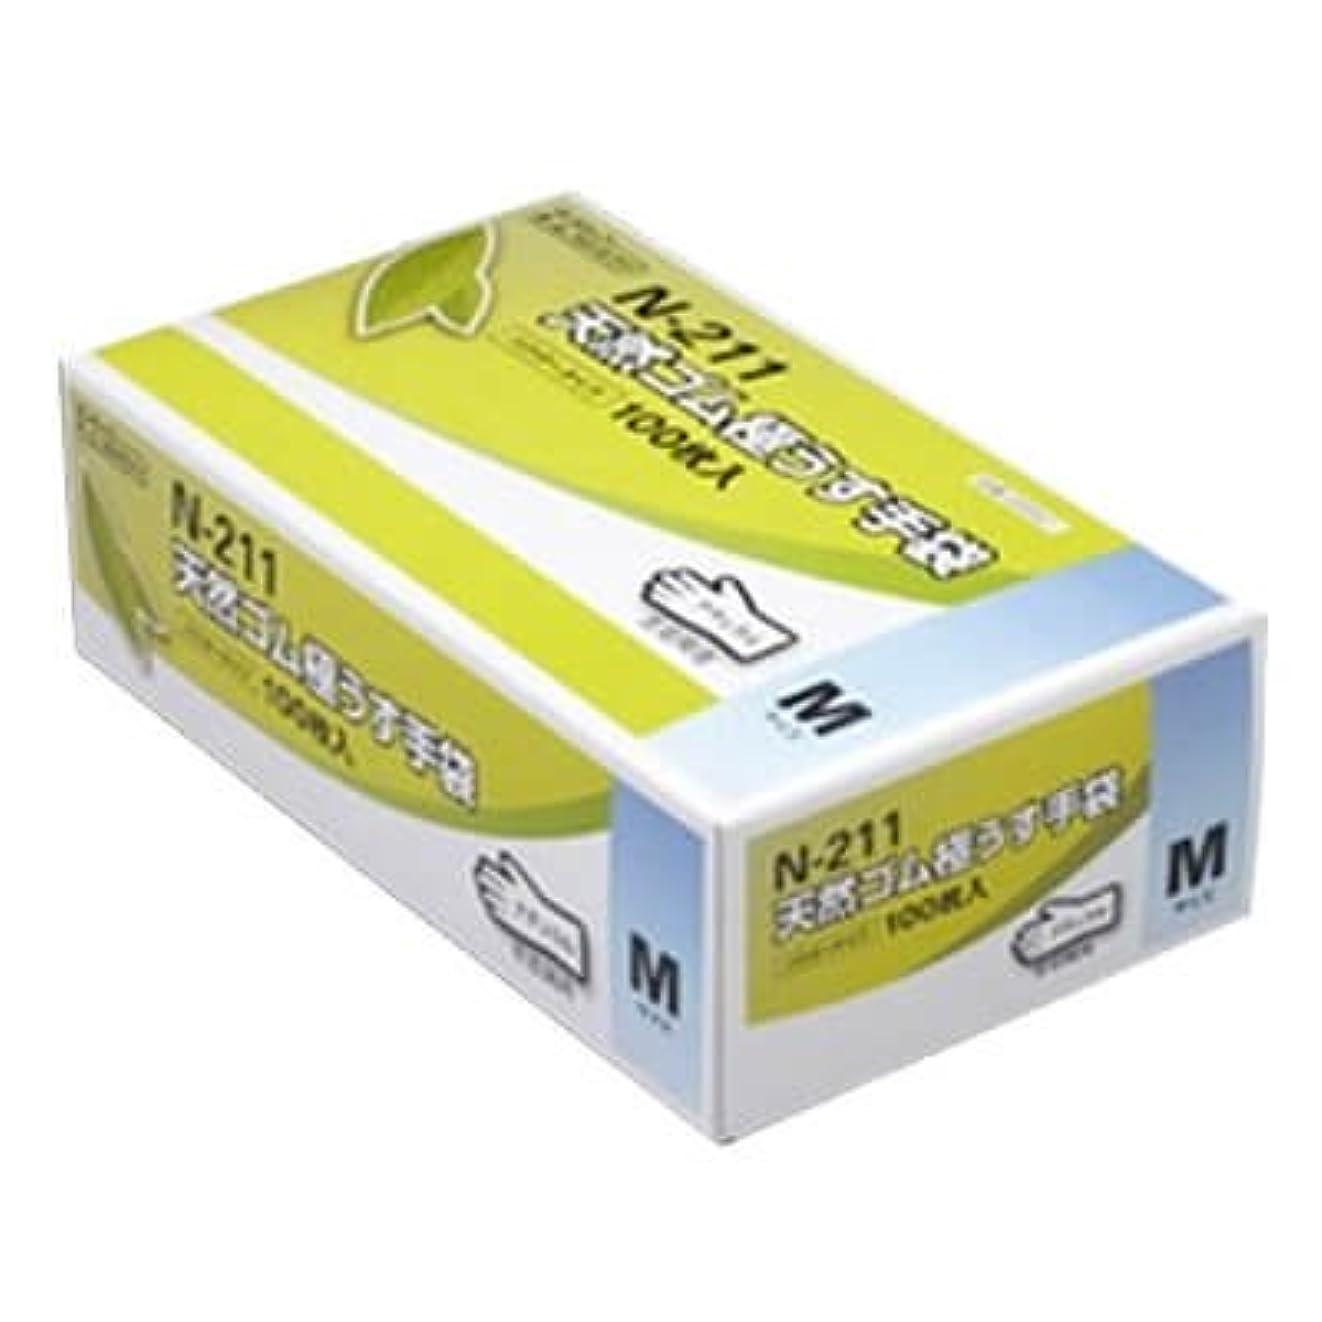 スリーブ記者七面鳥【ケース販売】 ダンロップ 天然ゴム極うす手袋 N-211 M ナチュラル (100枚入×20箱)